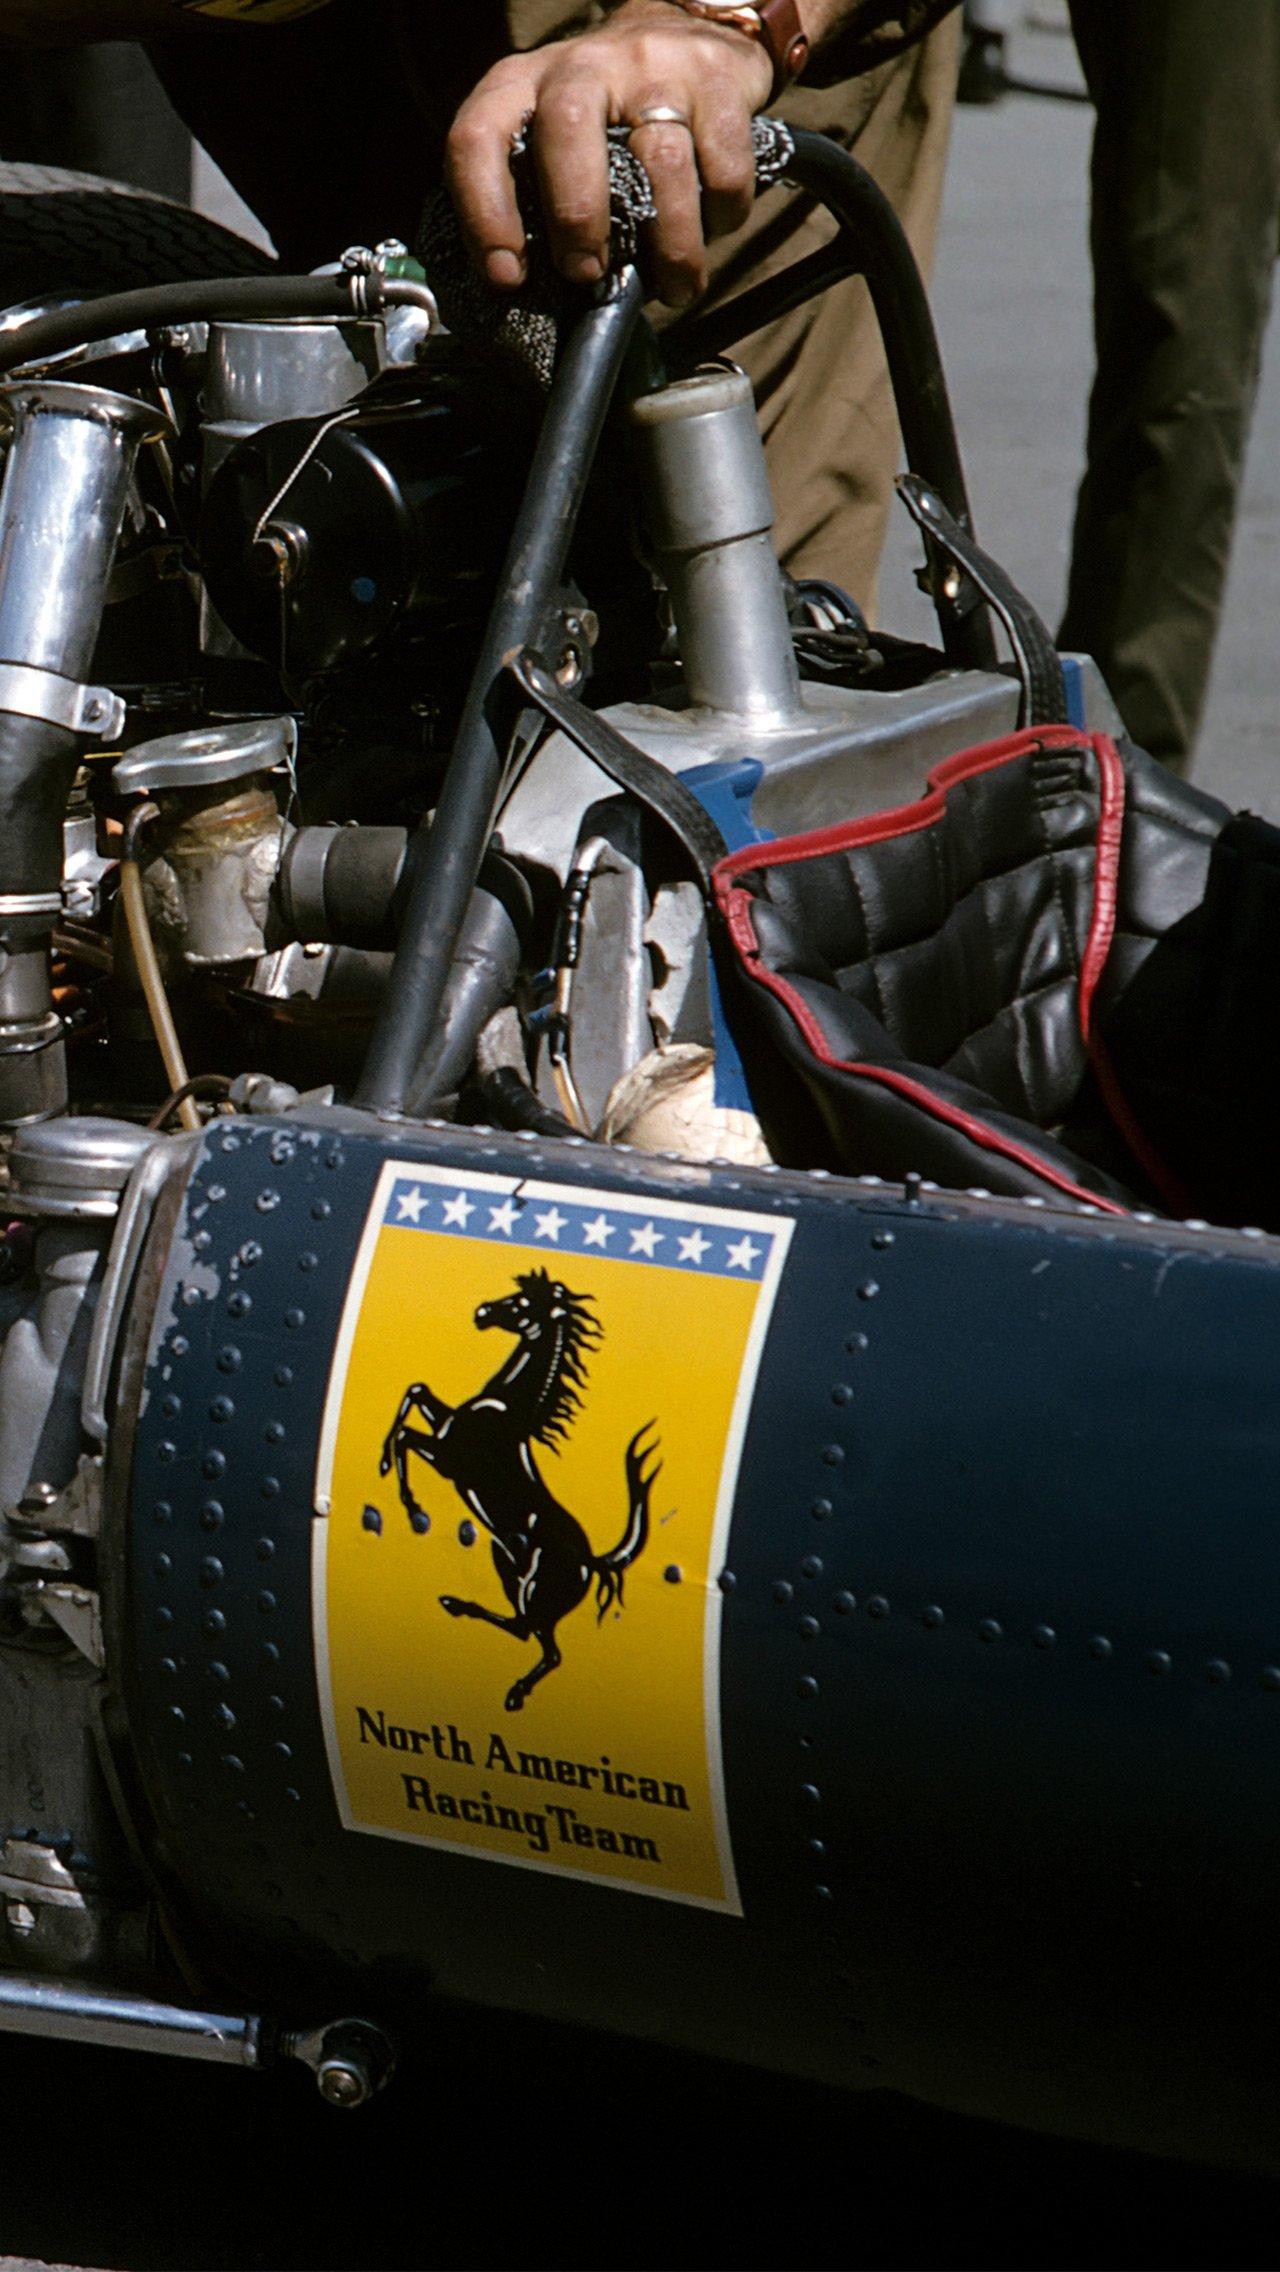 Из-за конфликта с ФИА в 1964-м «Феррари» провела два Гран-при под названием North American Racing Team и с синей ливреей.